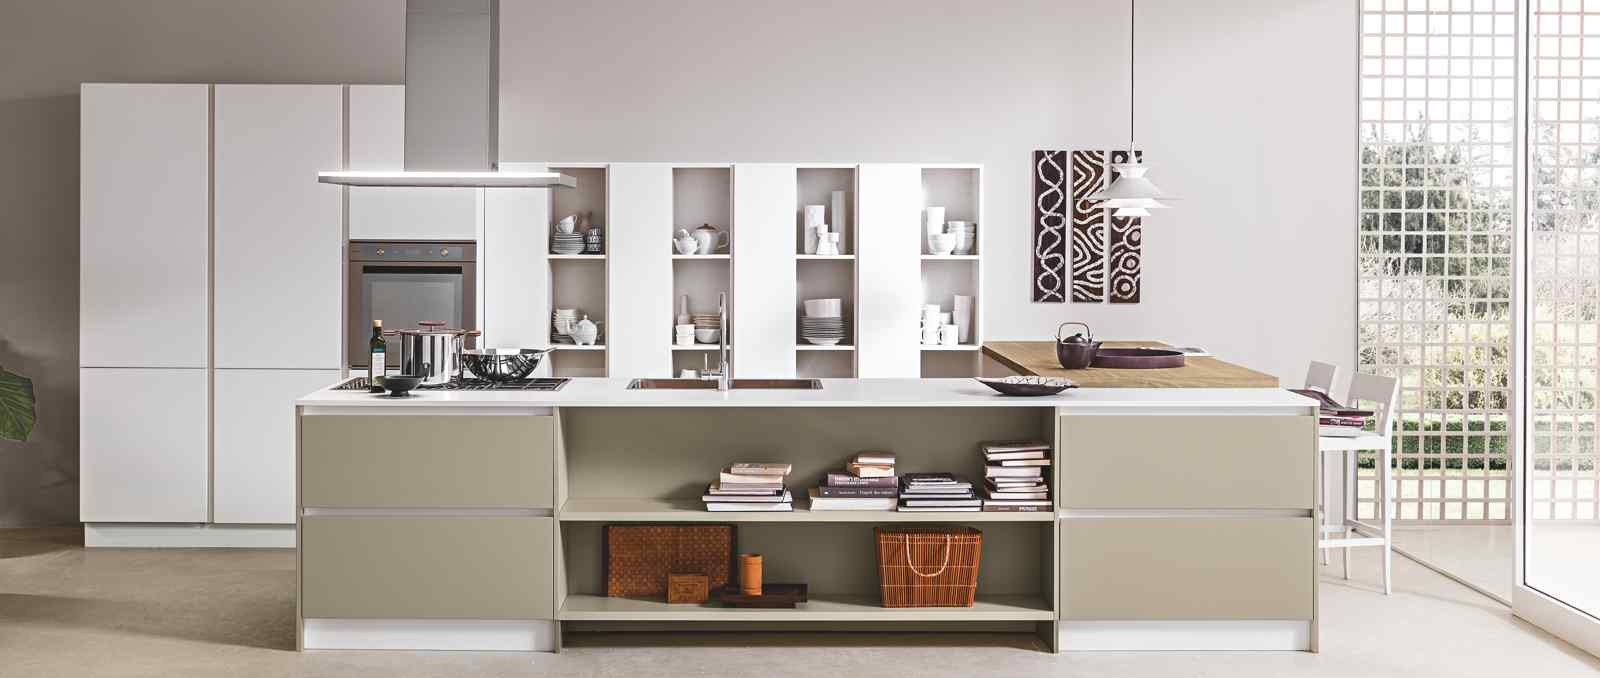 De style contemporain au design italien cette cuisine s'impose comme le cœur de la maison